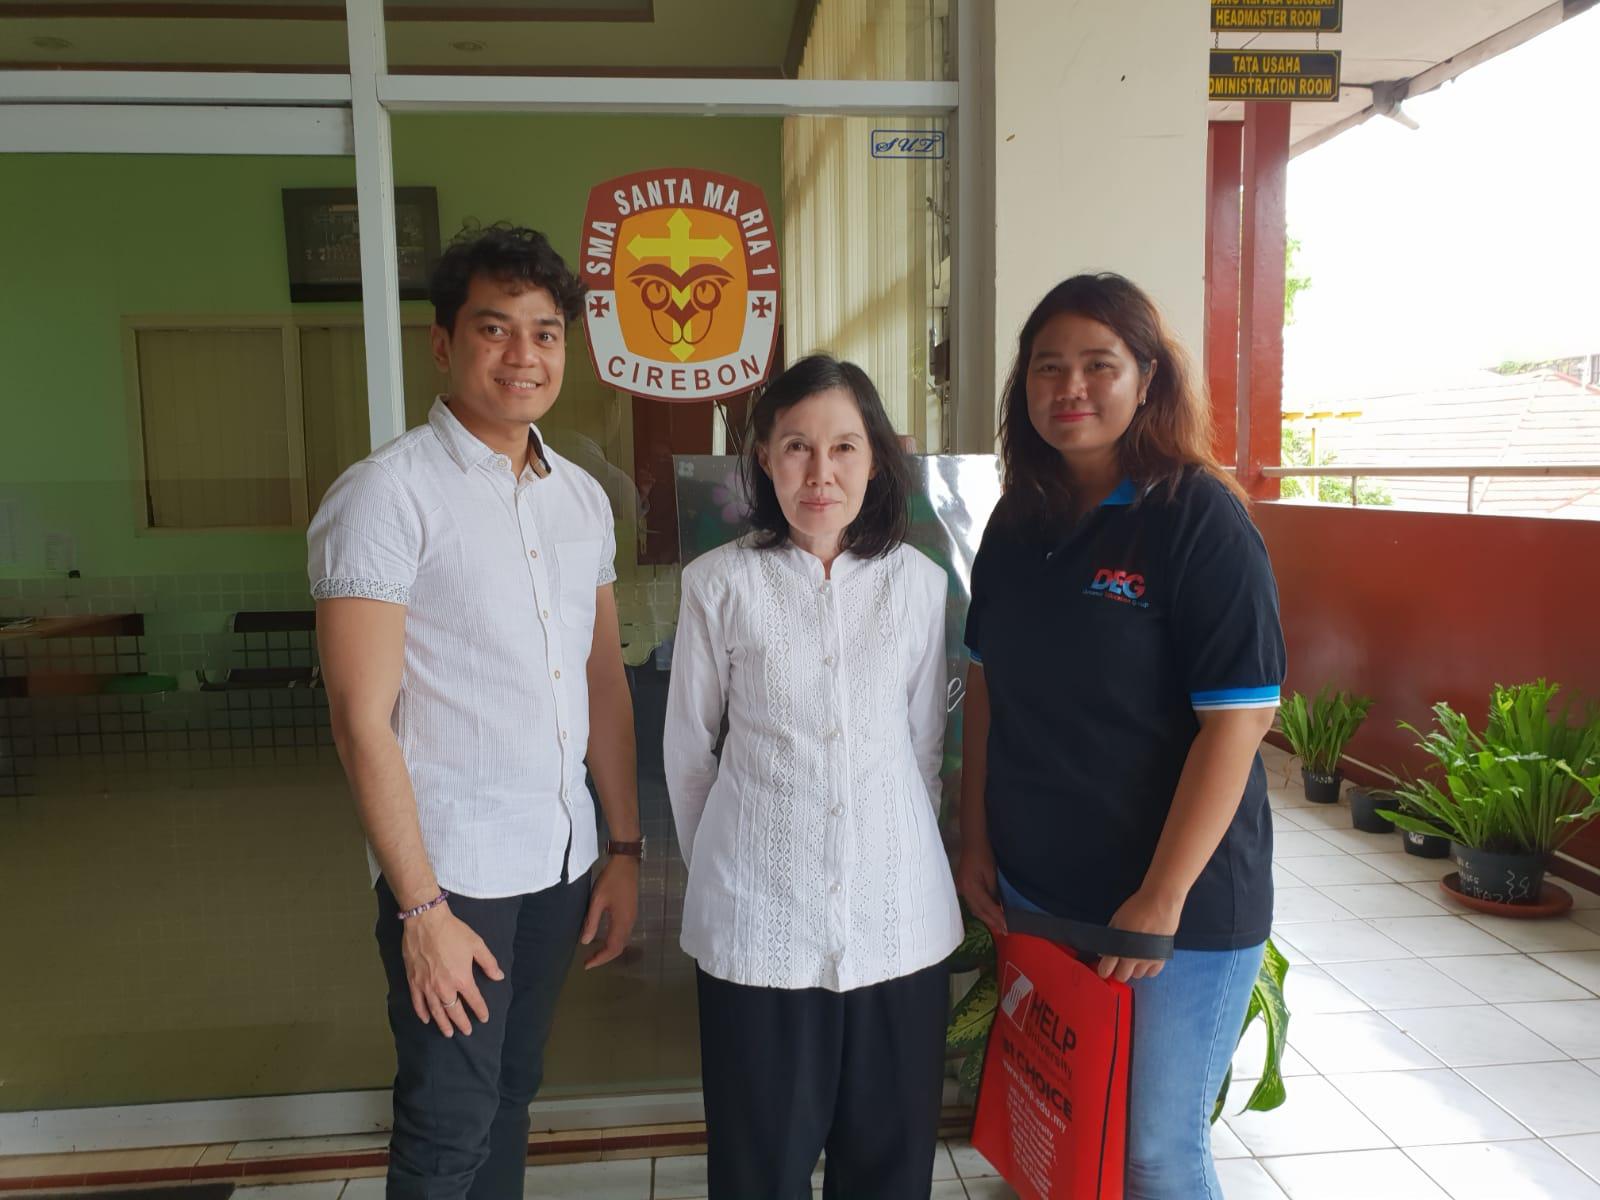 SMA Santa Maria 1 Cirebon